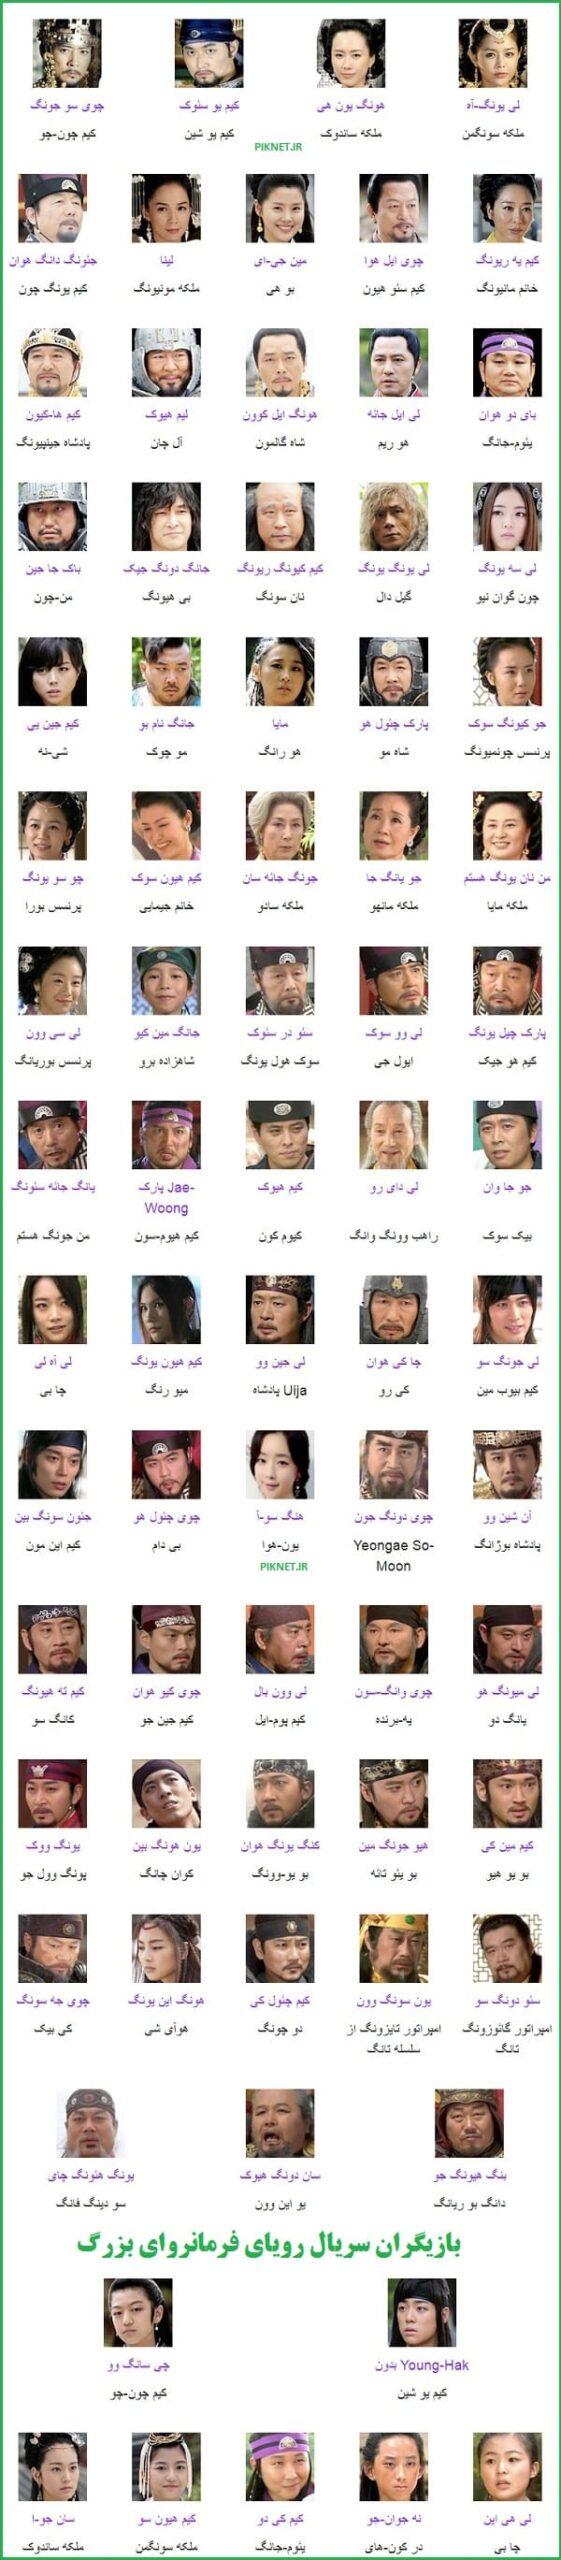 اسامی بازیگران سریال رویای فرمانروای بزرگ